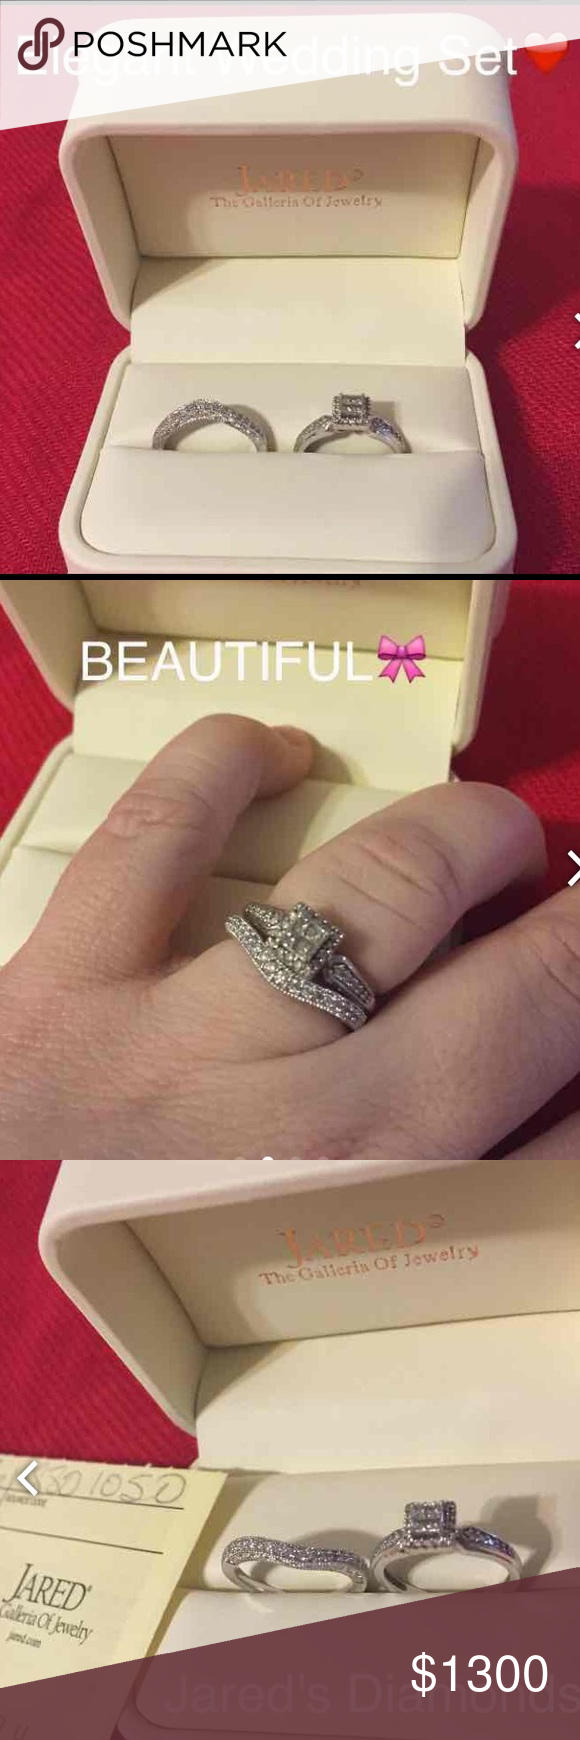 Engagement Wedding Set Jared S Engagement Wedding Set Engagement Wedding Ring Sets Jared Jewelry